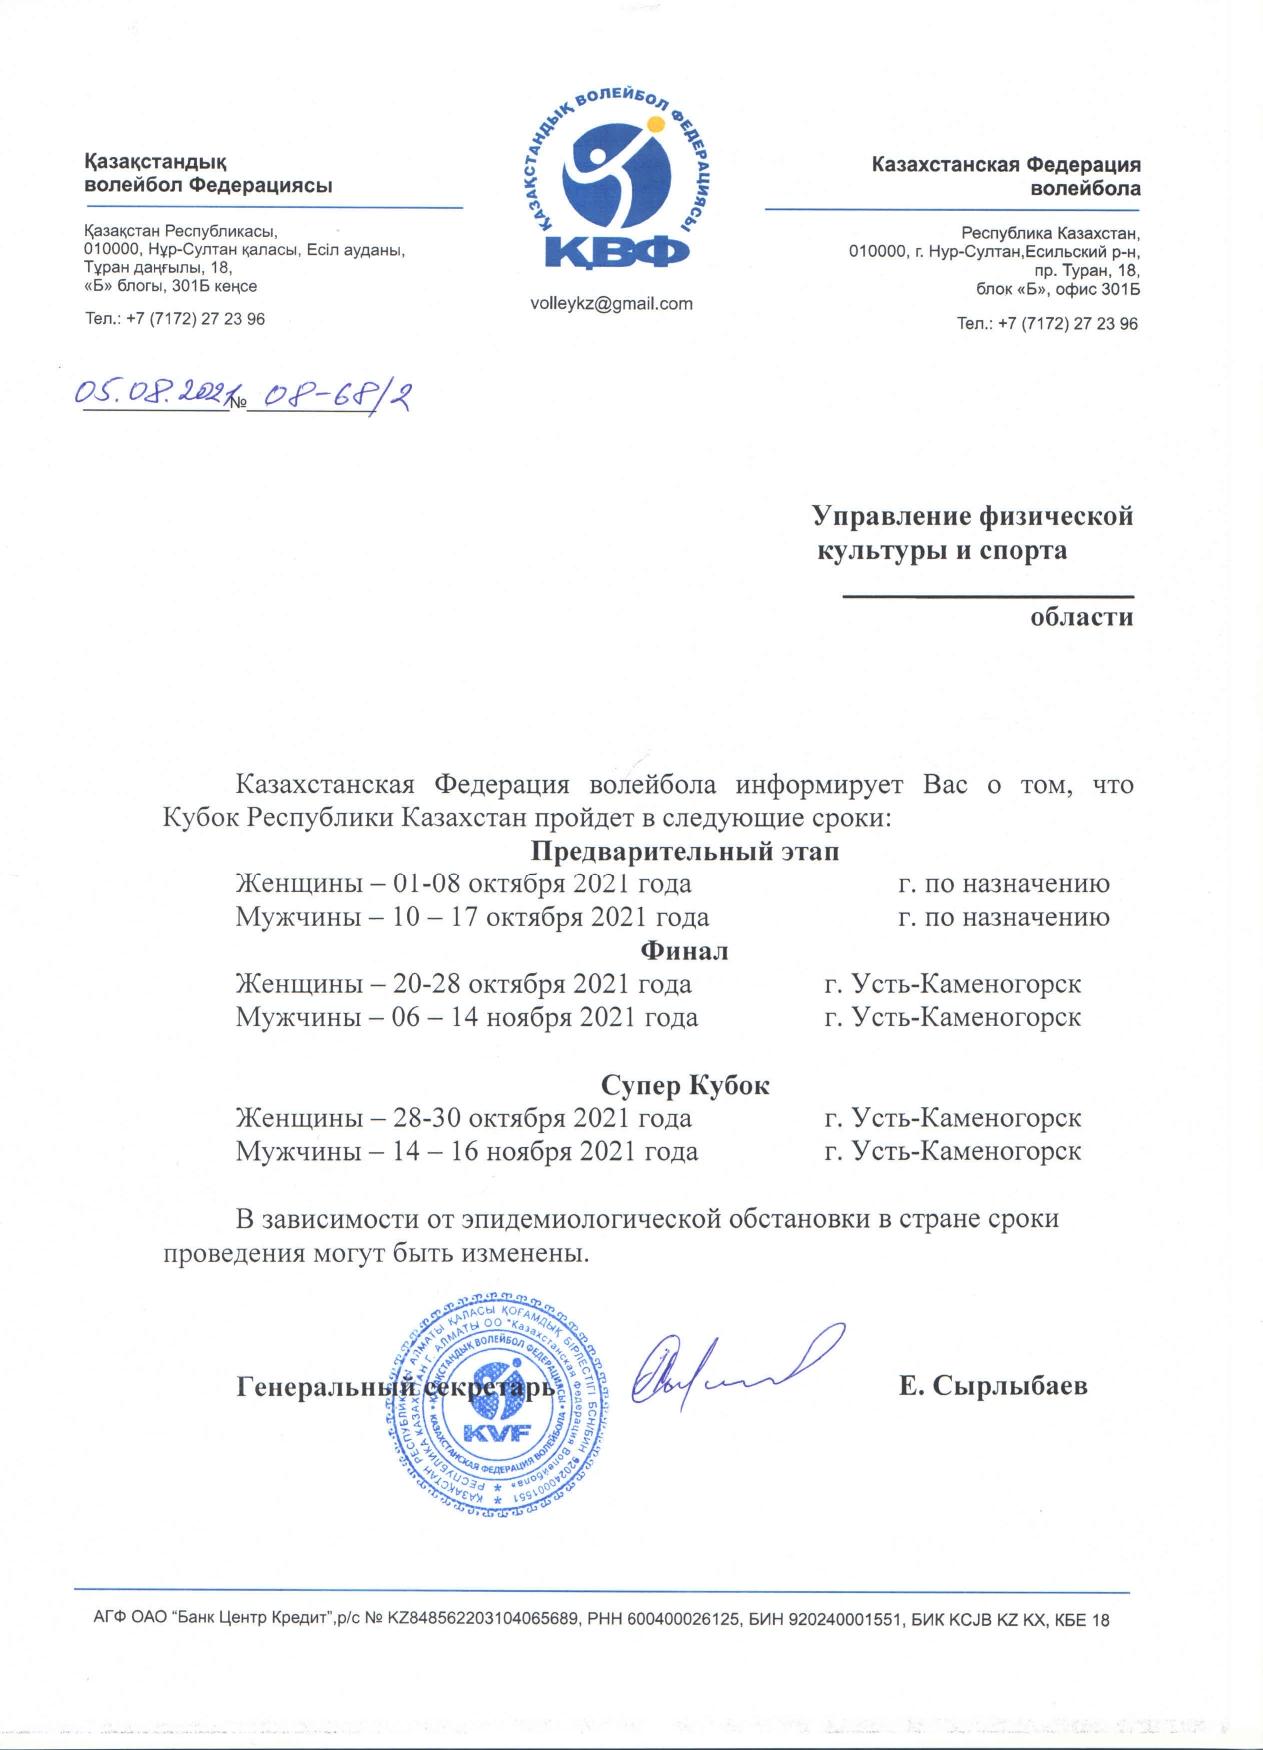 сроки Кубка РК 2021_page-0001.jpg